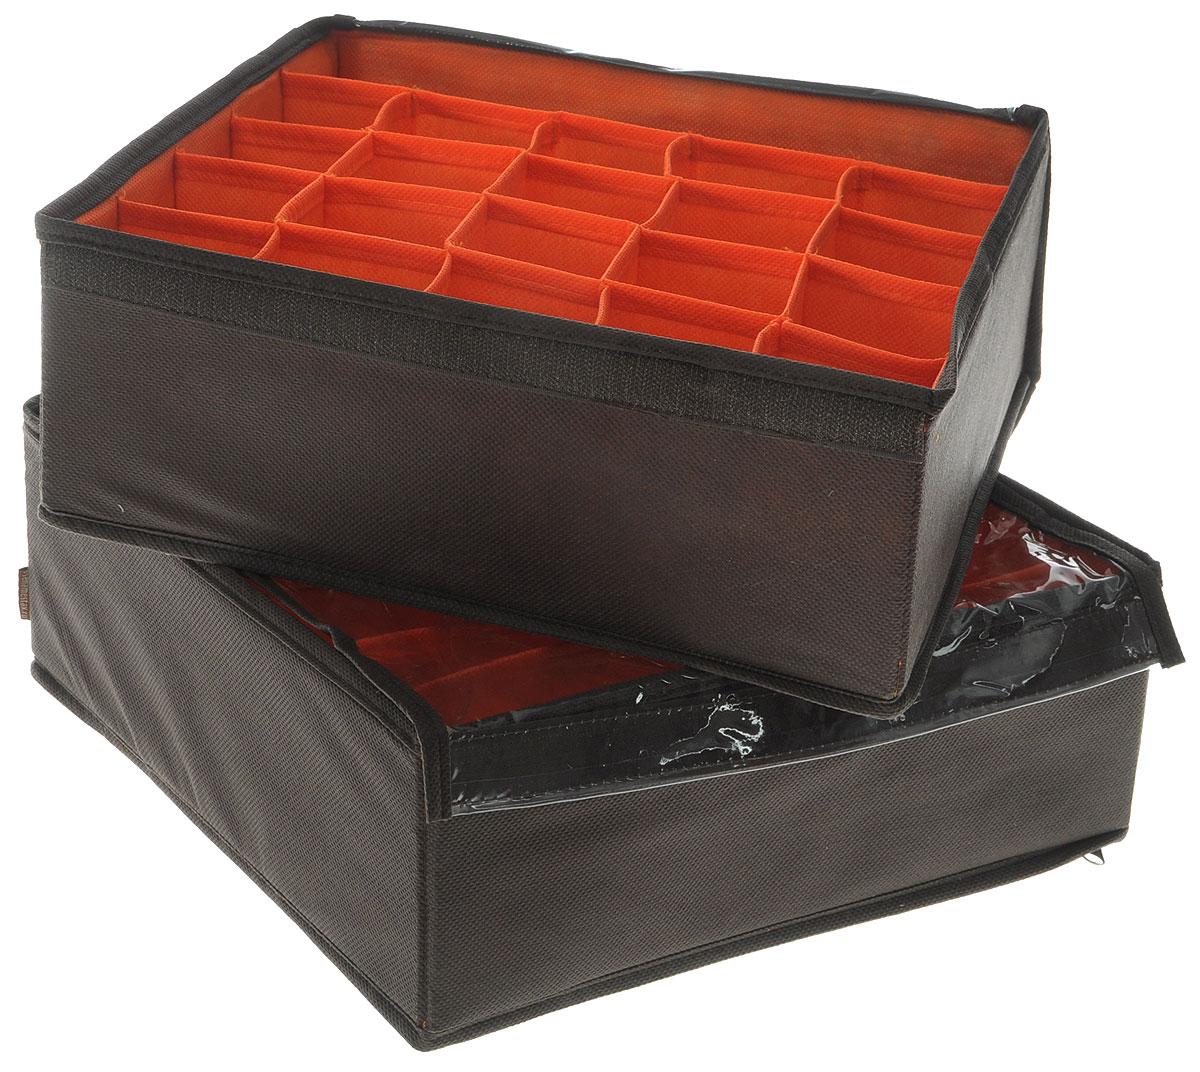 Набор органайзеров для белья Все на местах Классика, с крышкой, цвет: коричневый, оранжевый, 2 предметаAHS861Набор состоит из двух органайзеров для хранения косметики и аксессуаров, а также белья.Изделия выполнены из высококачественного нетканого материала (спанбонда), которыйобеспечивает естественную вентиляцию, позволяя воздуху проникать внутрь, но не пропускаетпыль. Вставки из ПВХ хорошо держат форму.Набор органайзеров поможет привести элементы женского туалета или белья в порядок. Оригинальный дизайн придется по вкусу ценительницам эстетичного хранения. Размер органайзеров: 32 см х 32 см х 11 см.